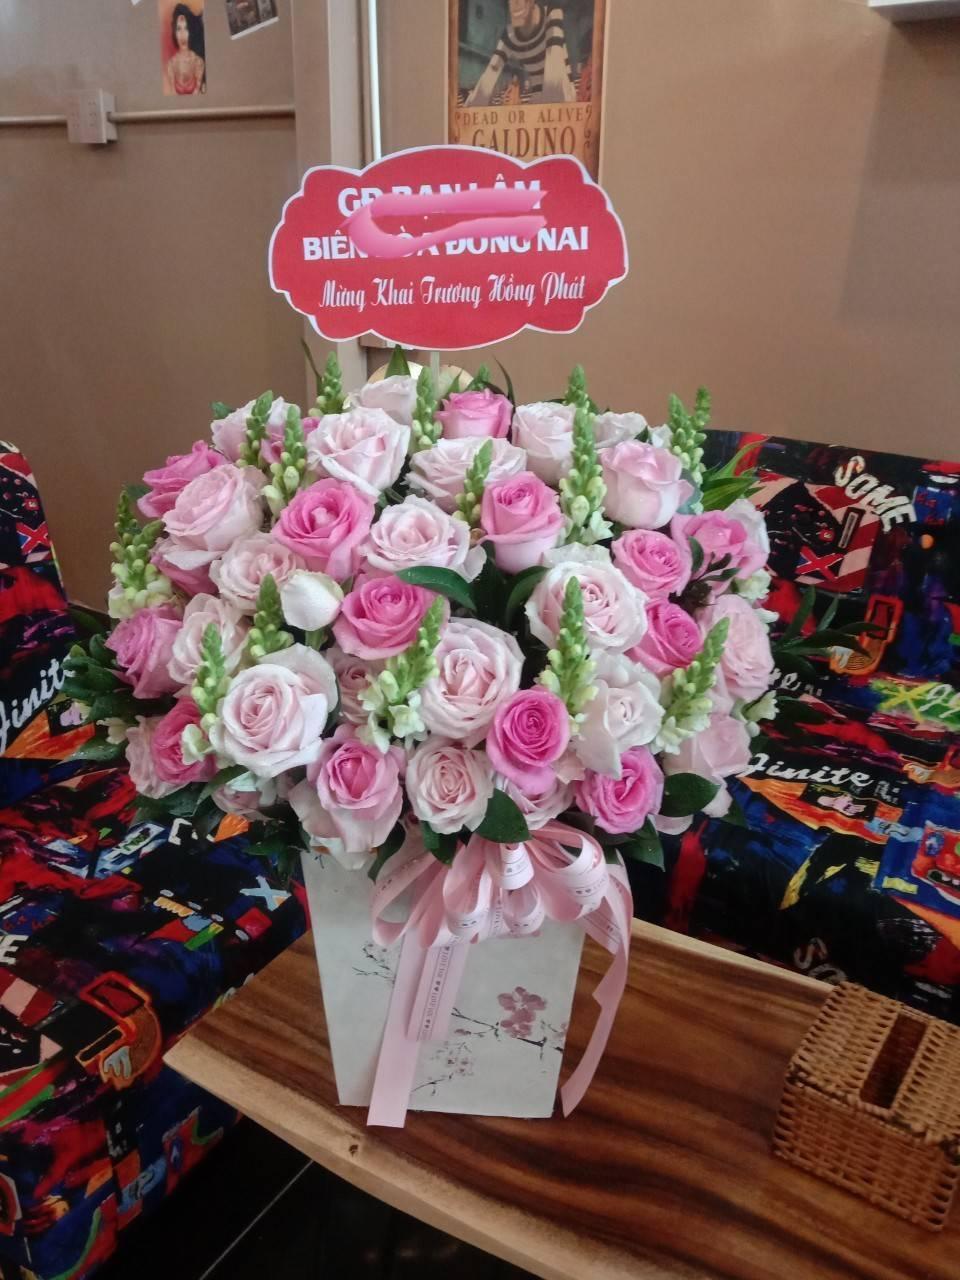 Shop hoa tươi misshoa.com - điện hoa tươi online